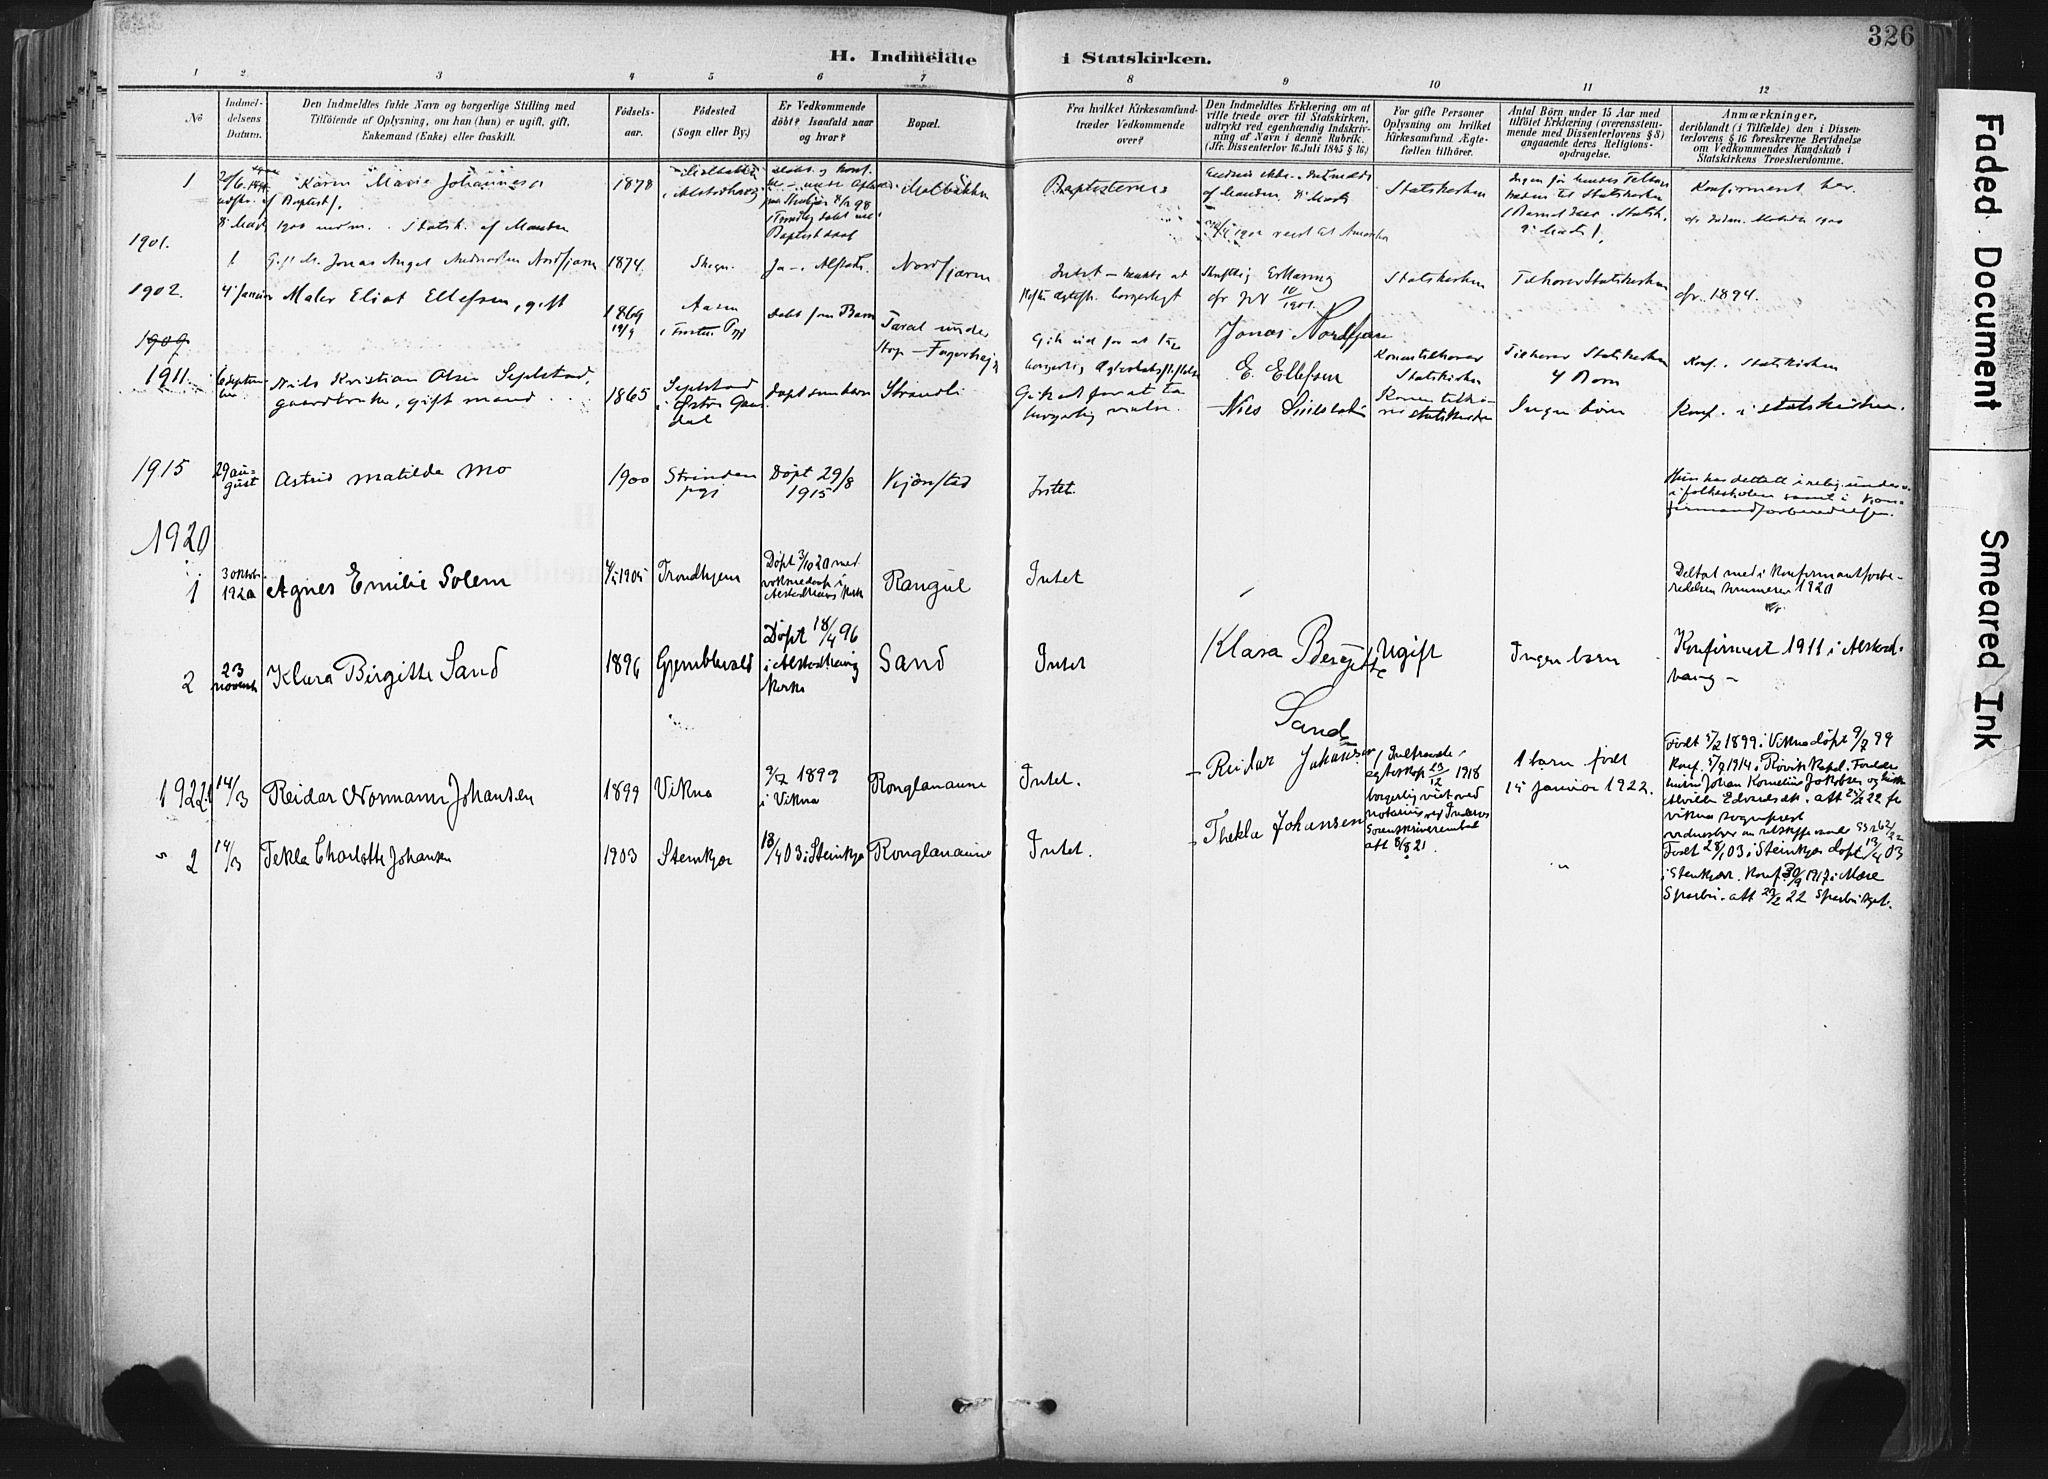 SAT, Ministerialprotokoller, klokkerbøker og fødselsregistre - Nord-Trøndelag, 717/L0162: Ministerialbok nr. 717A12, 1898-1923, s. 326